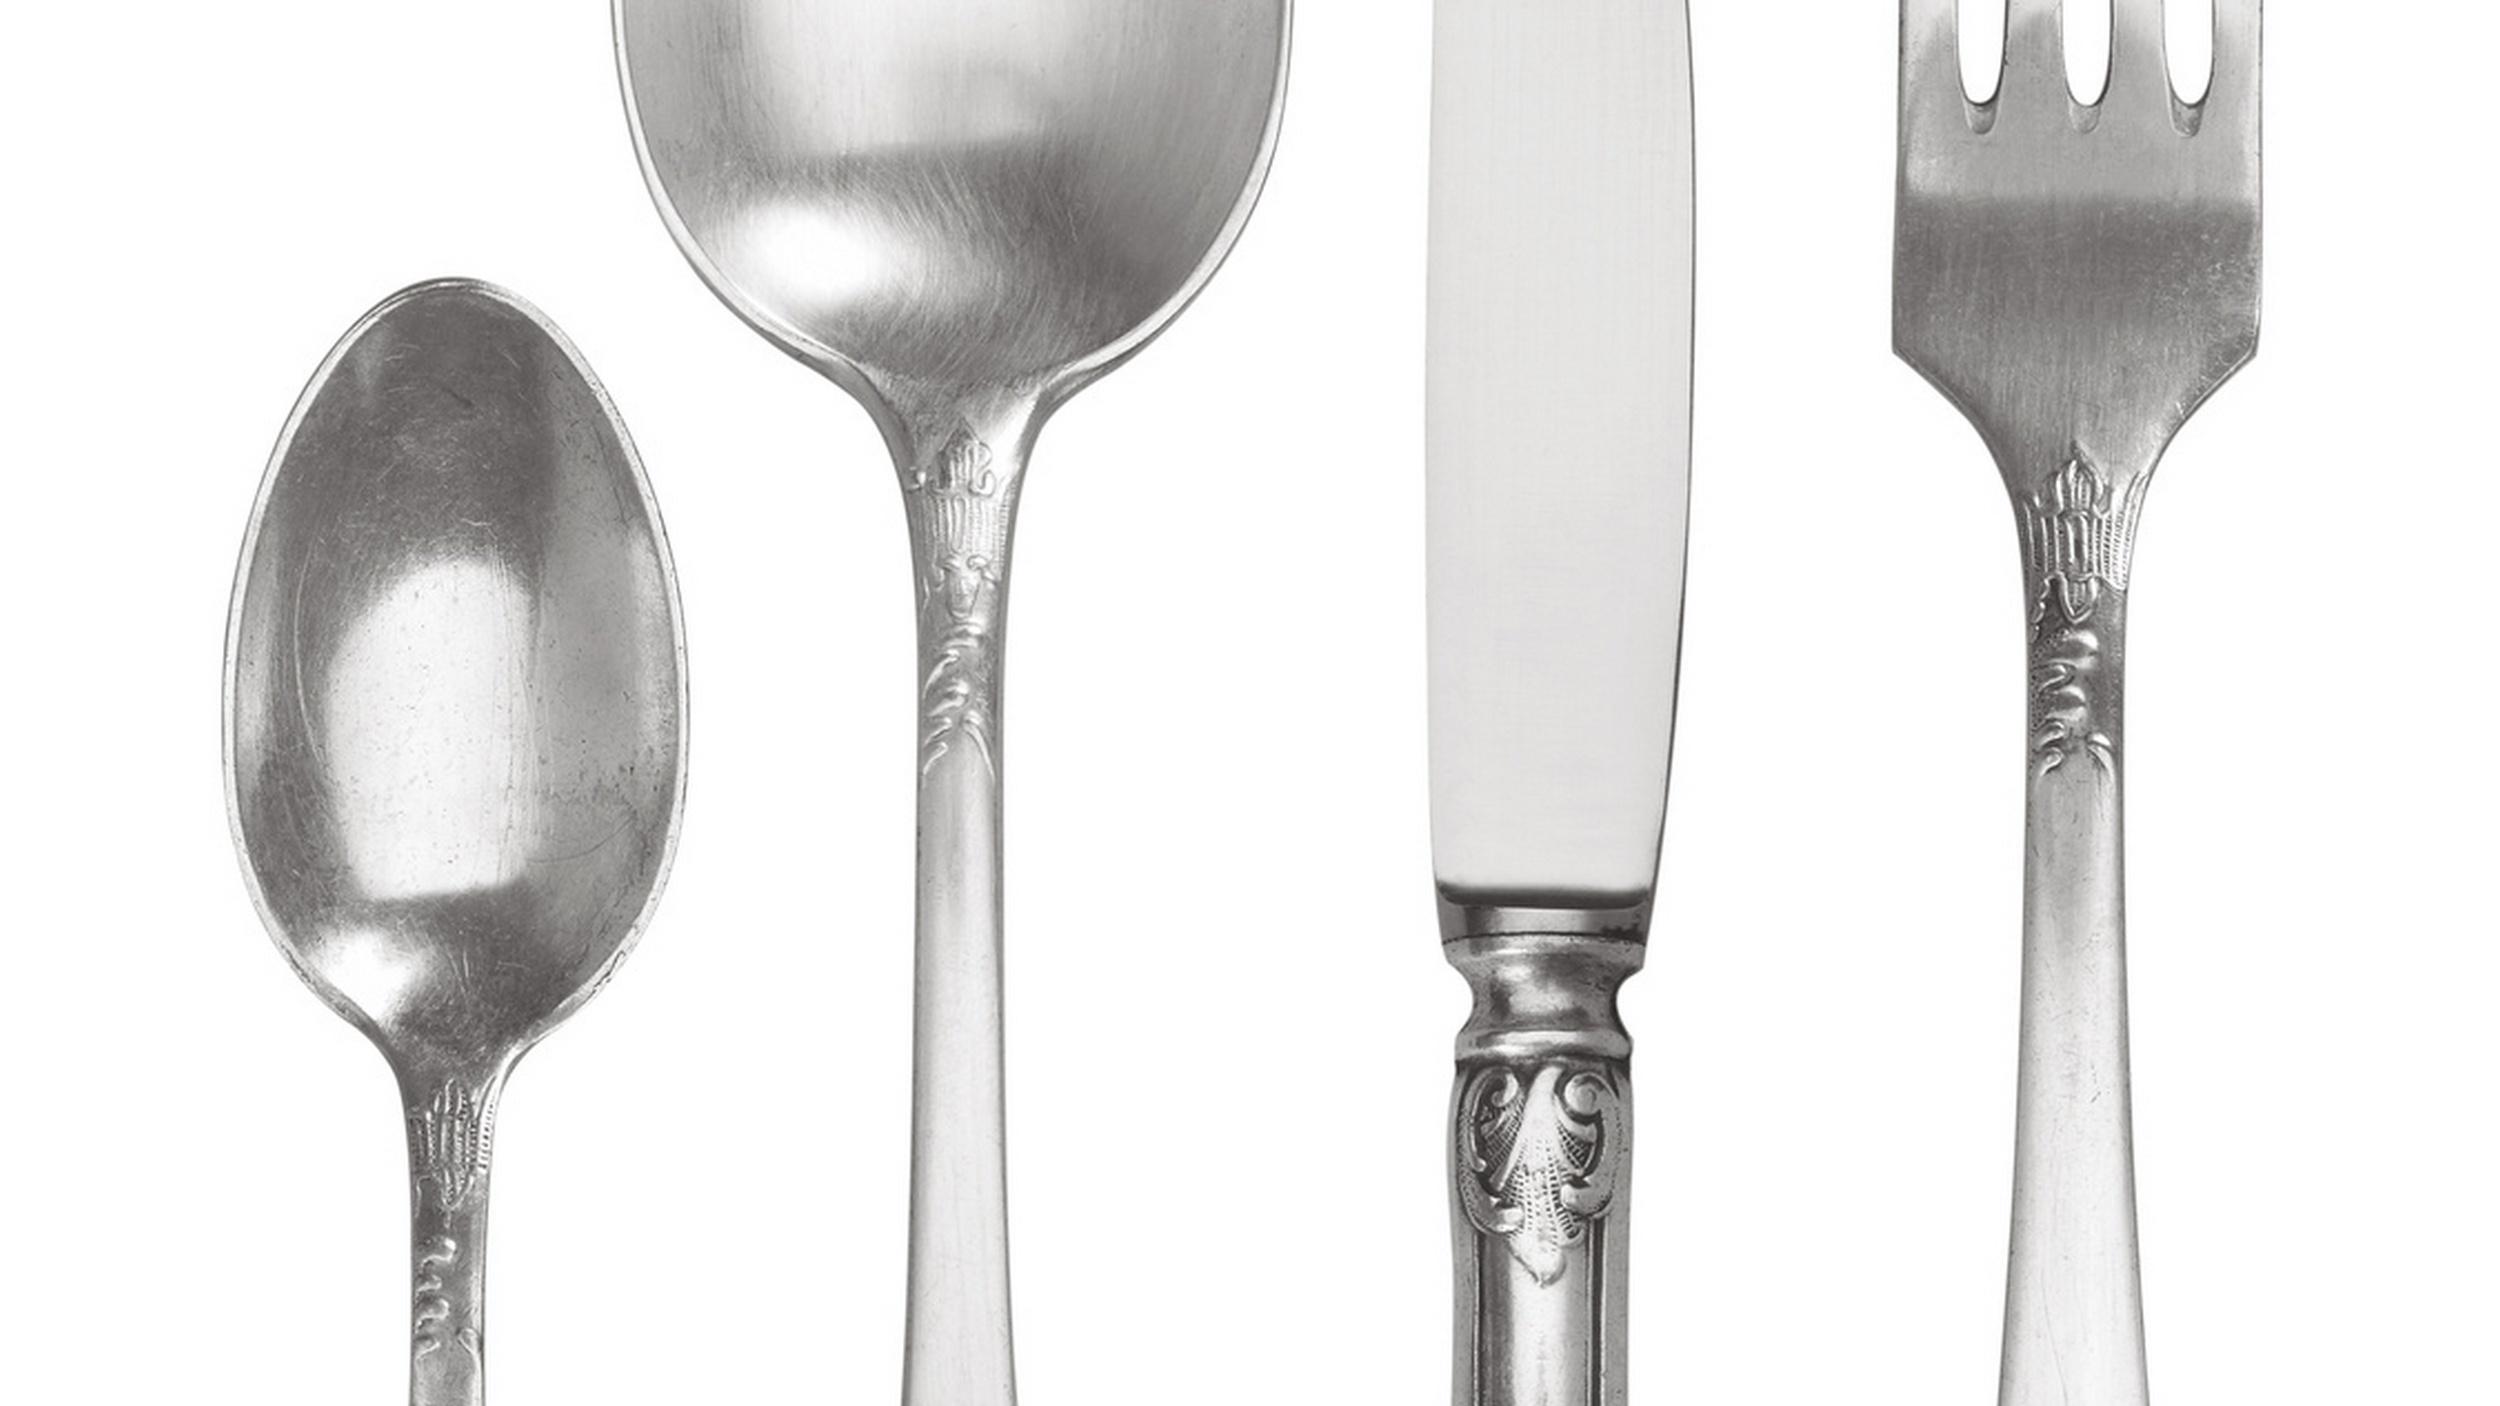 Alufolie Silber Silberbesteck Schnell Und Einfach Reinigen